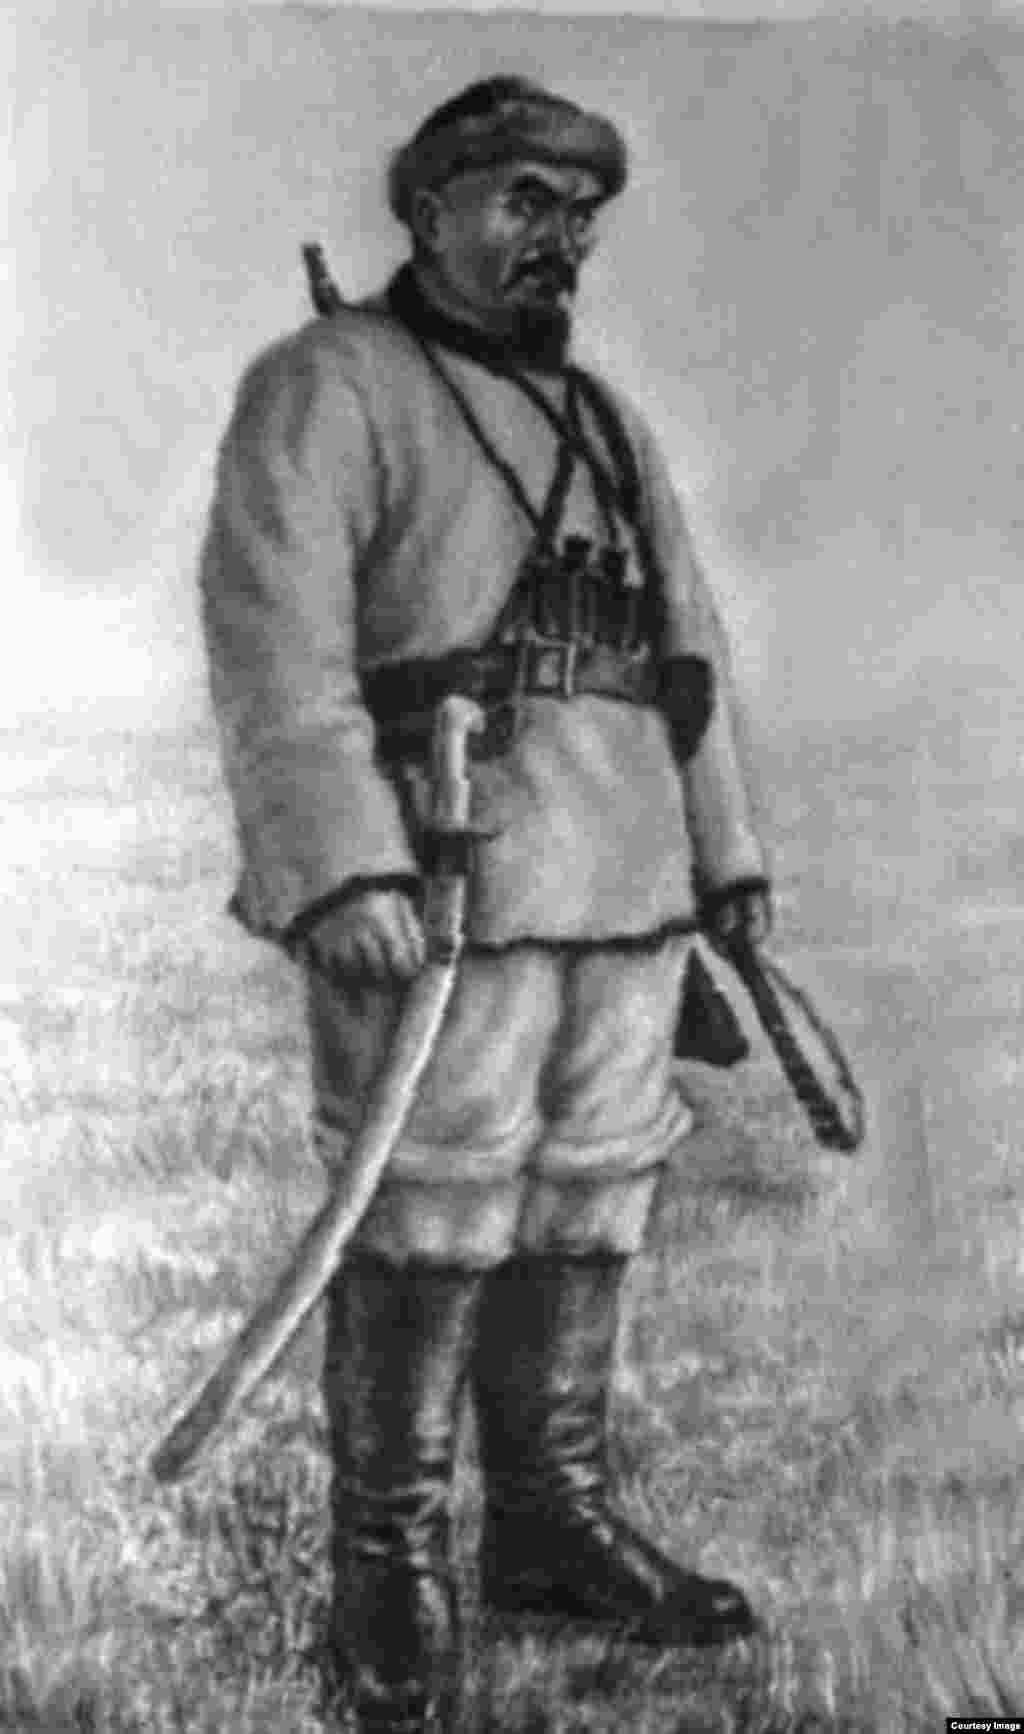 1916 жылғы ұлт-азаттық көтерілісінің көсемі, халық батыры Амангелді Иманов. Әбілхан Қастеев салған сурет.